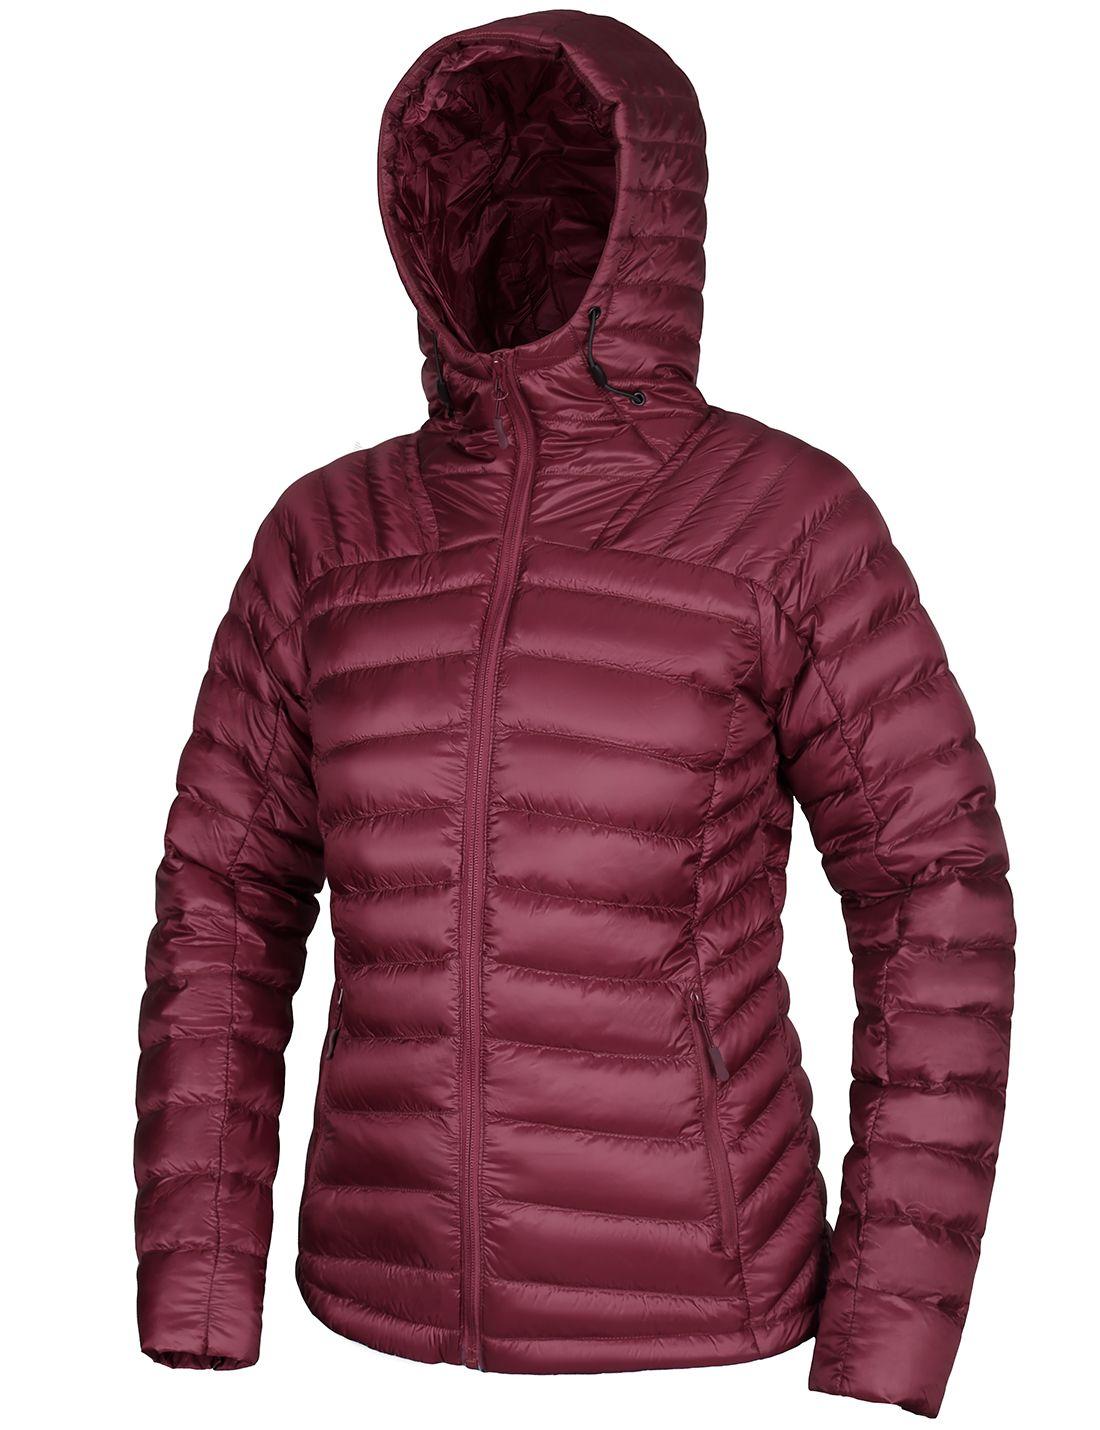 Cromoncent Mens Winter Hooded Zip Up Fleece Overcoat Down Jackets Coat